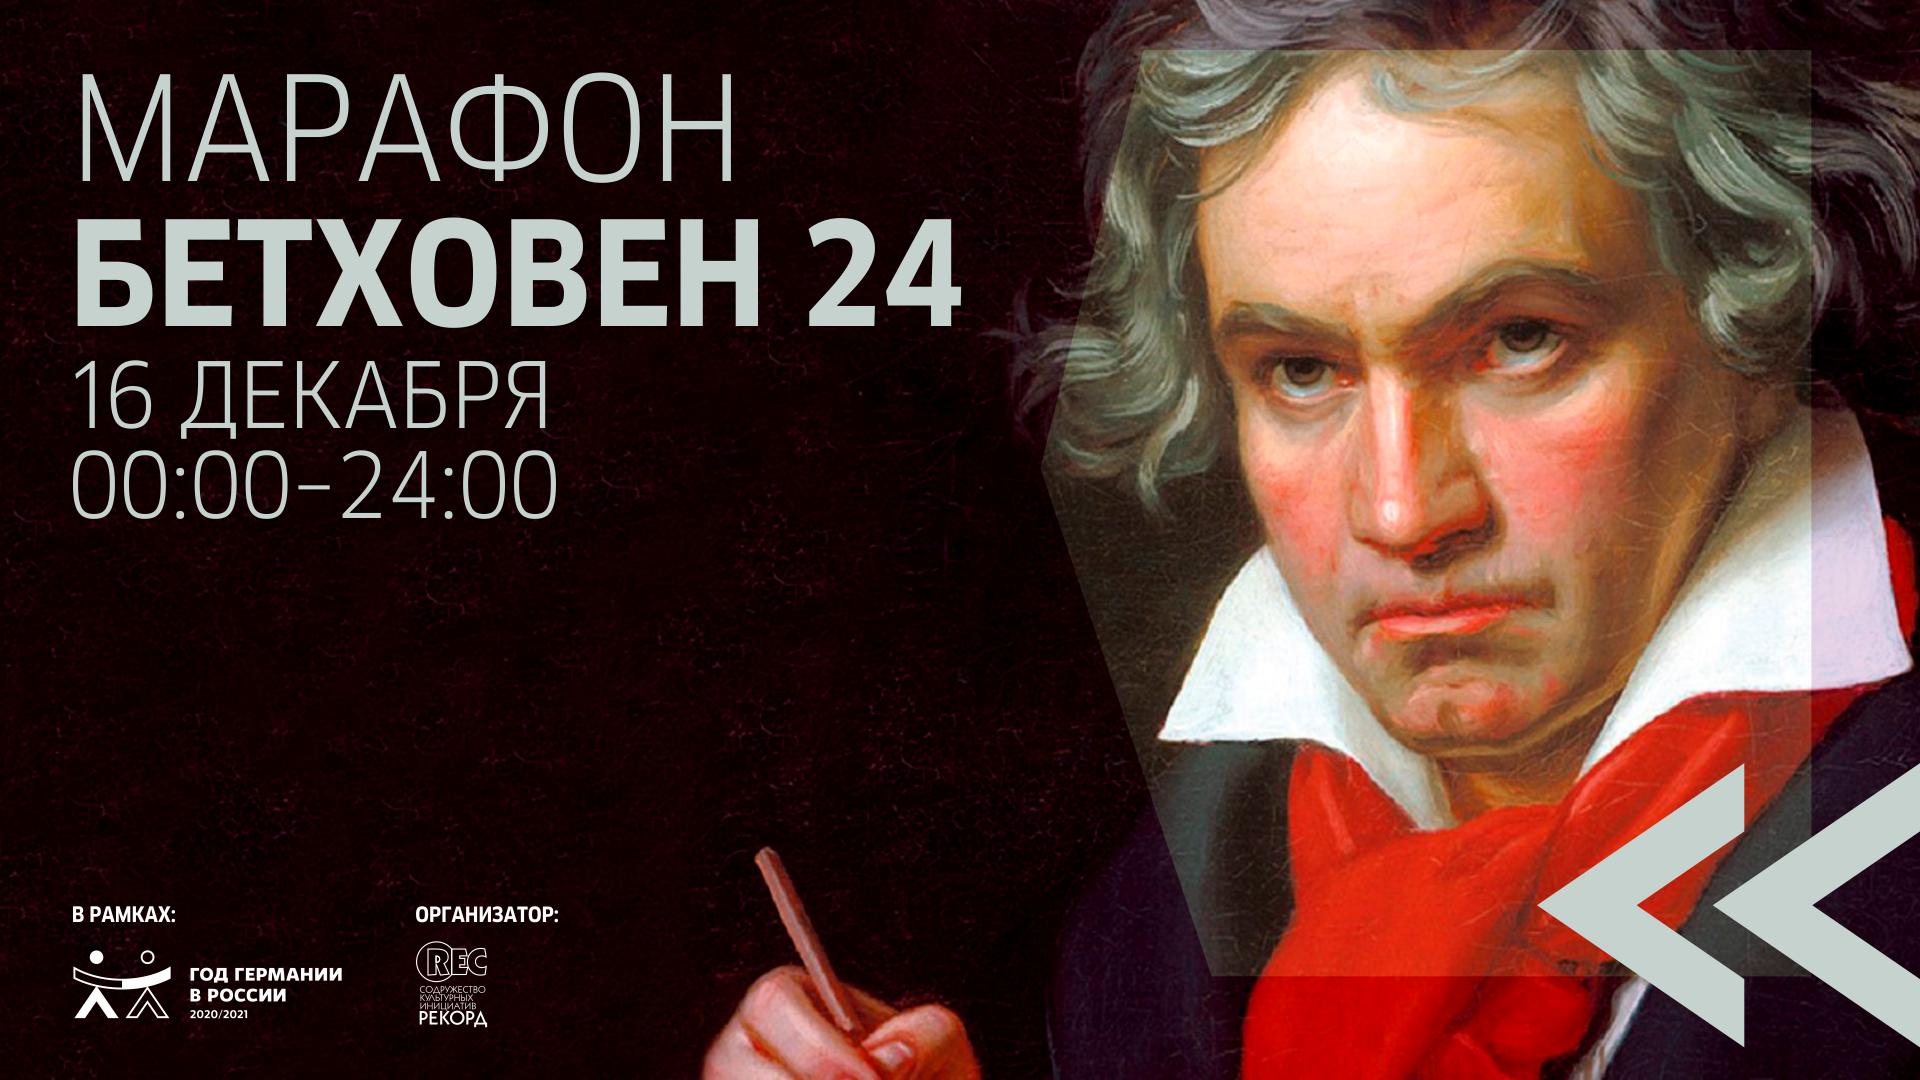 Марафон «Бетховен 24»